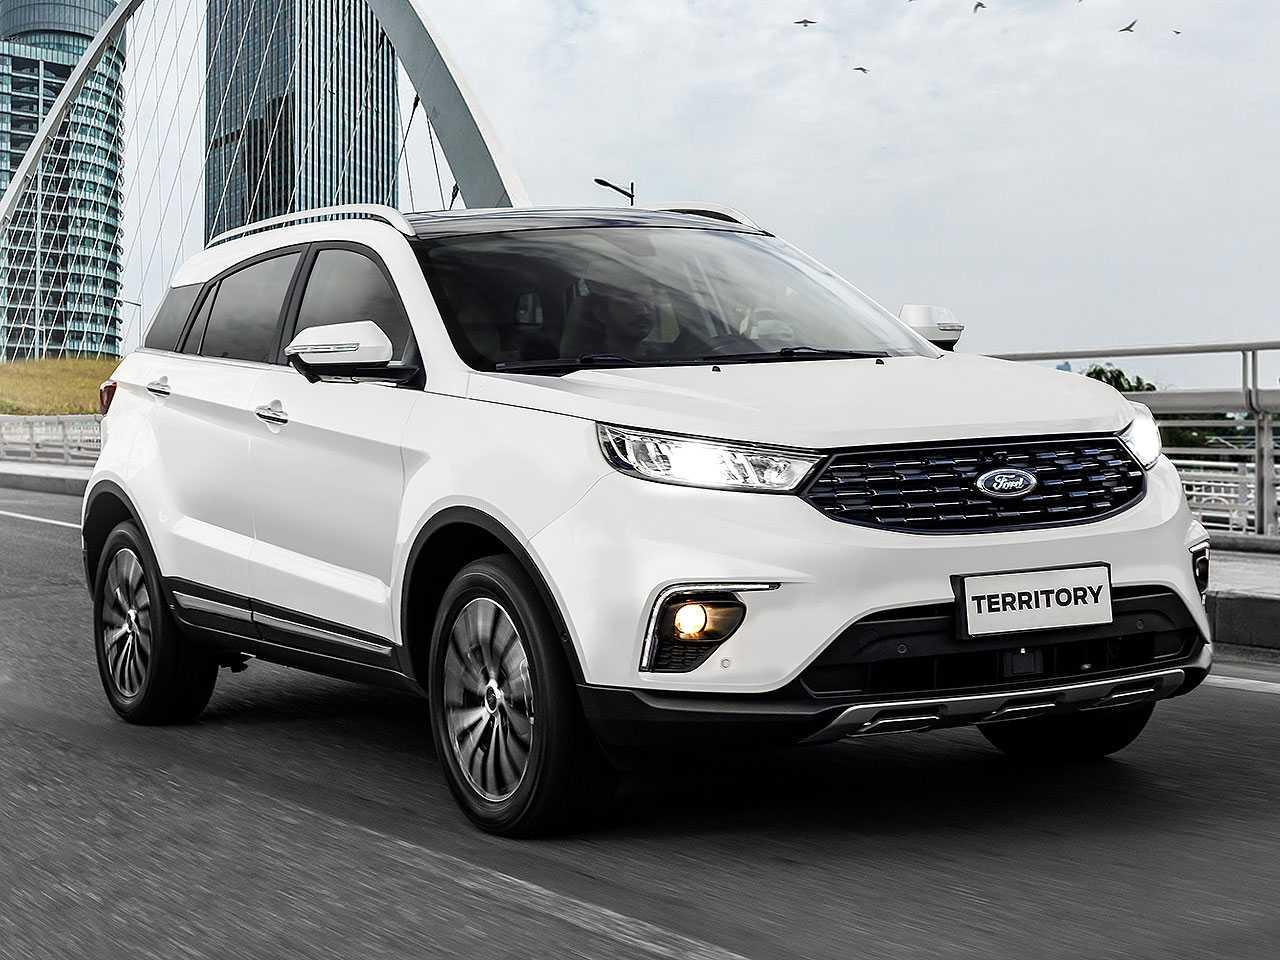 Territory: SUV terá o valor de assinatura mensal mais baixo dentro do serviço Ford Go